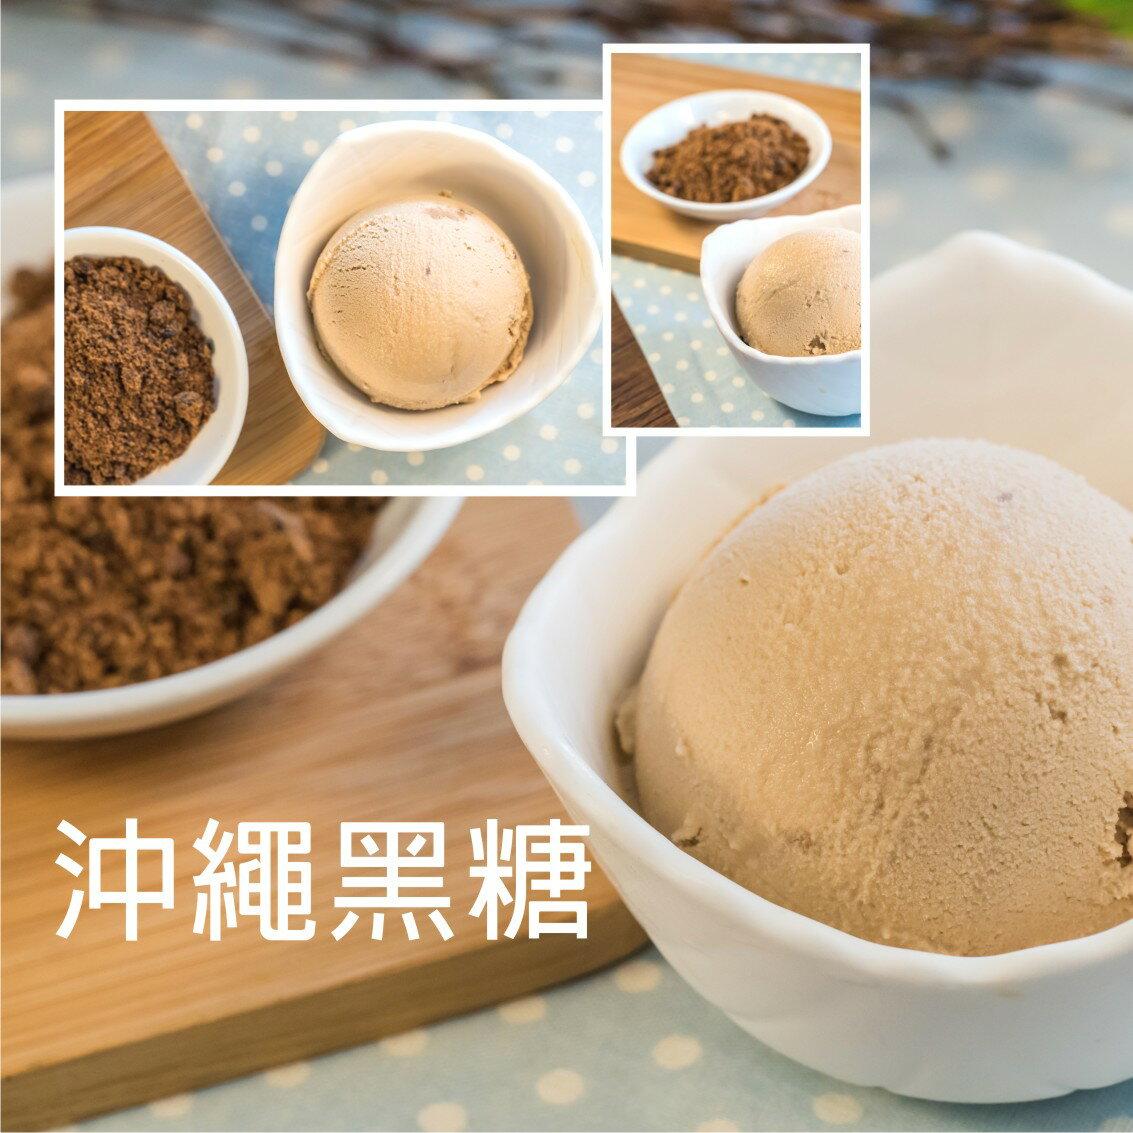 【倍爾思手工冰淇淋 】日本沖繩黑糖牛奶(250g/盒)採用日本沖繩黑糖手工限量製作(不含人工色素香料)低脂低熱量|網路人氣推薦純天然手工冰淇淋人氣第一名首選品牌|伴手禮|夏天團購美食▶消費滿$799免